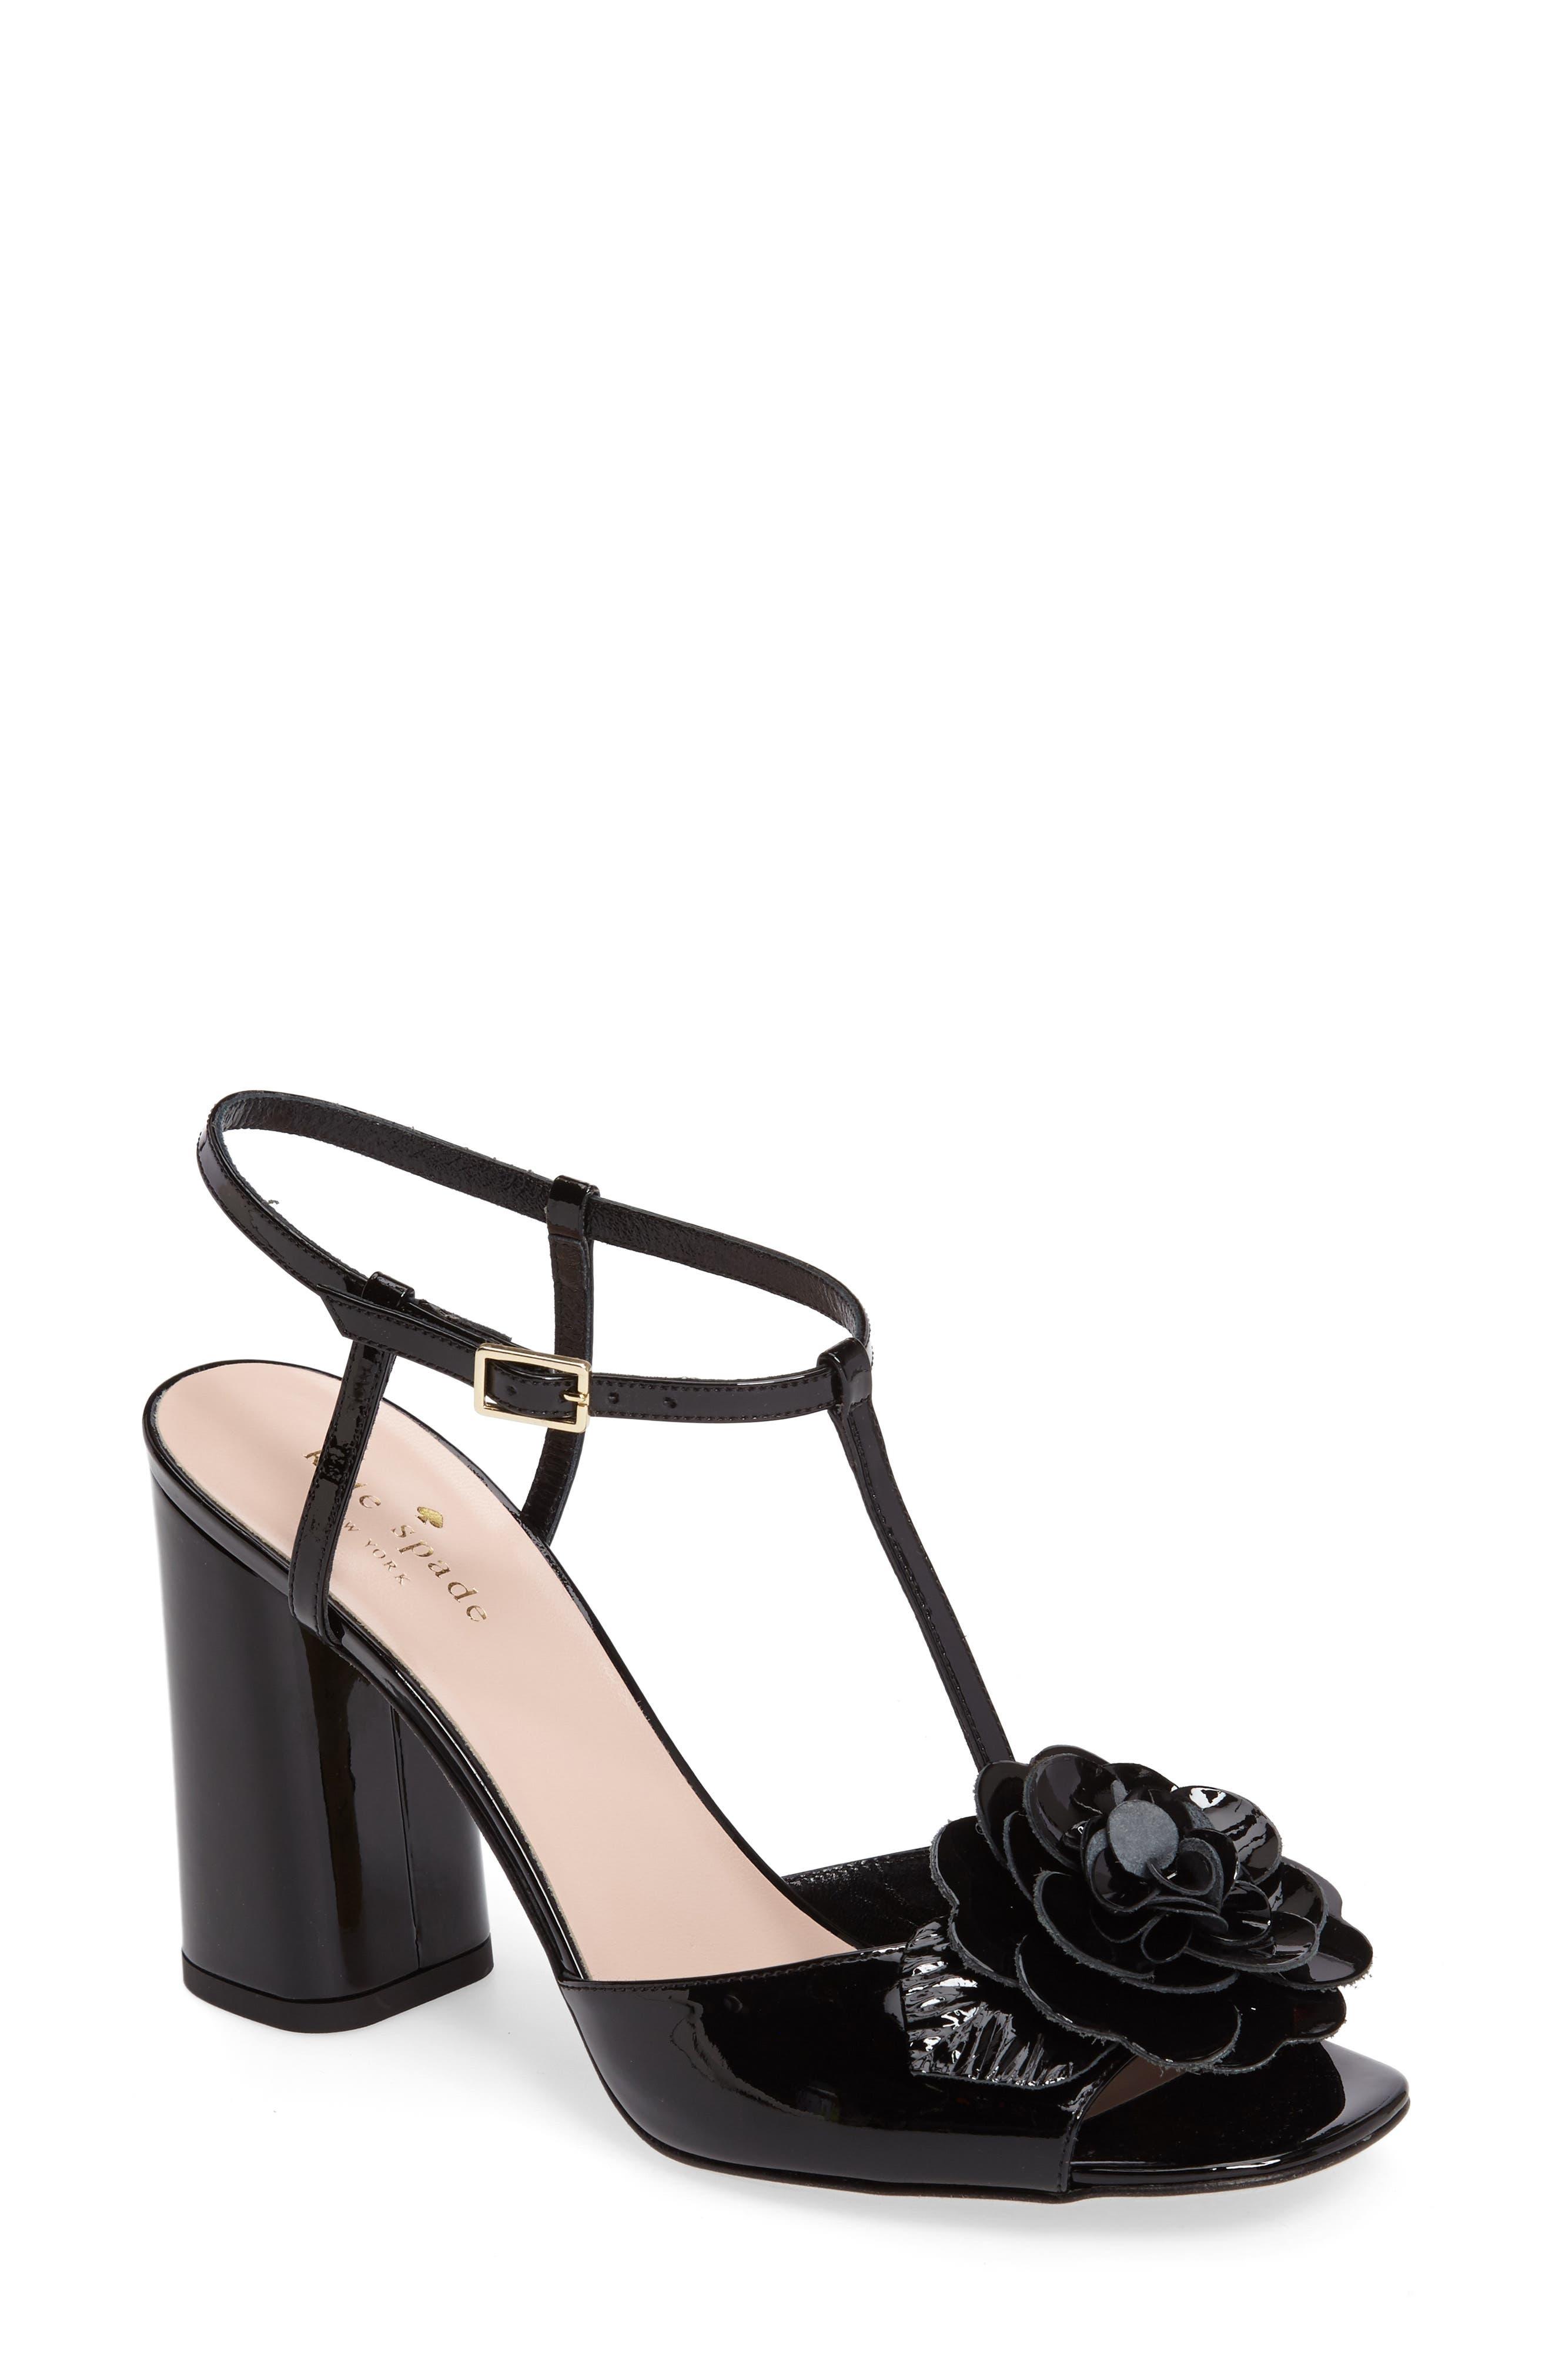 KATE SPADE NEW YORK charlton flower sandal